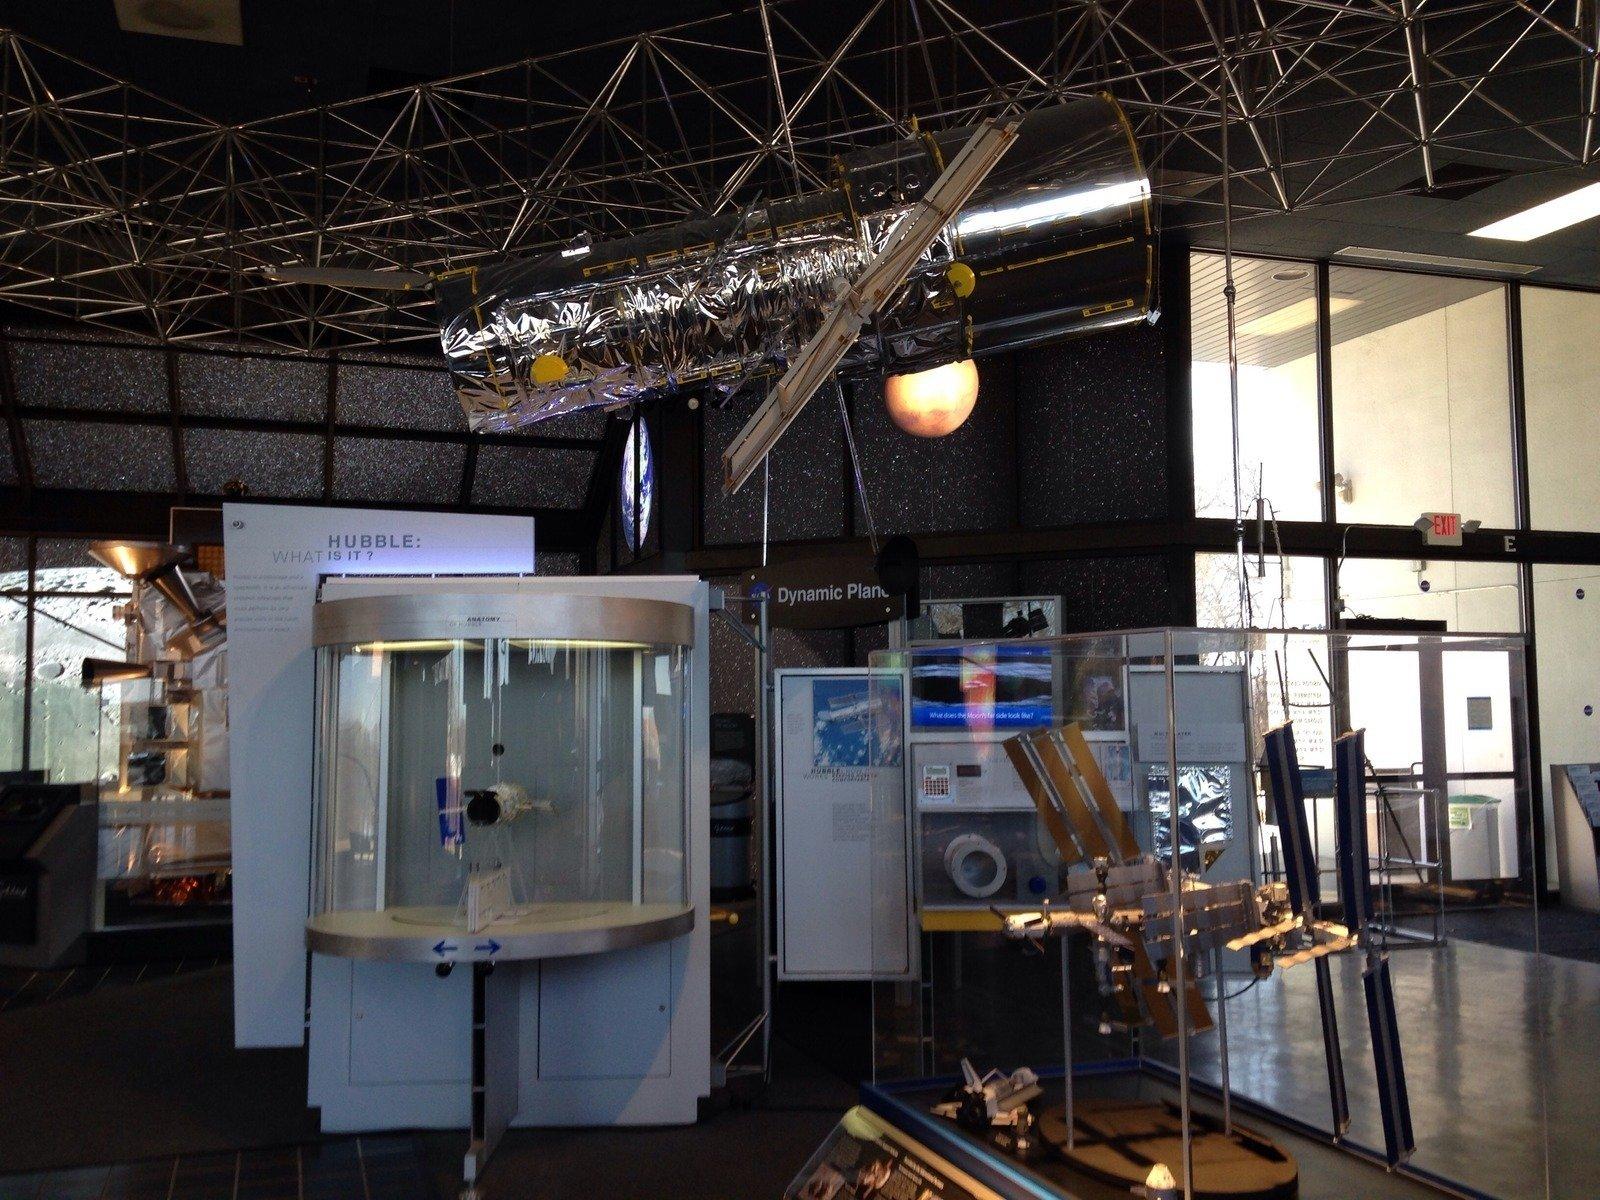 NASA's Goddard Space Flight Center - Visitor Center in ...